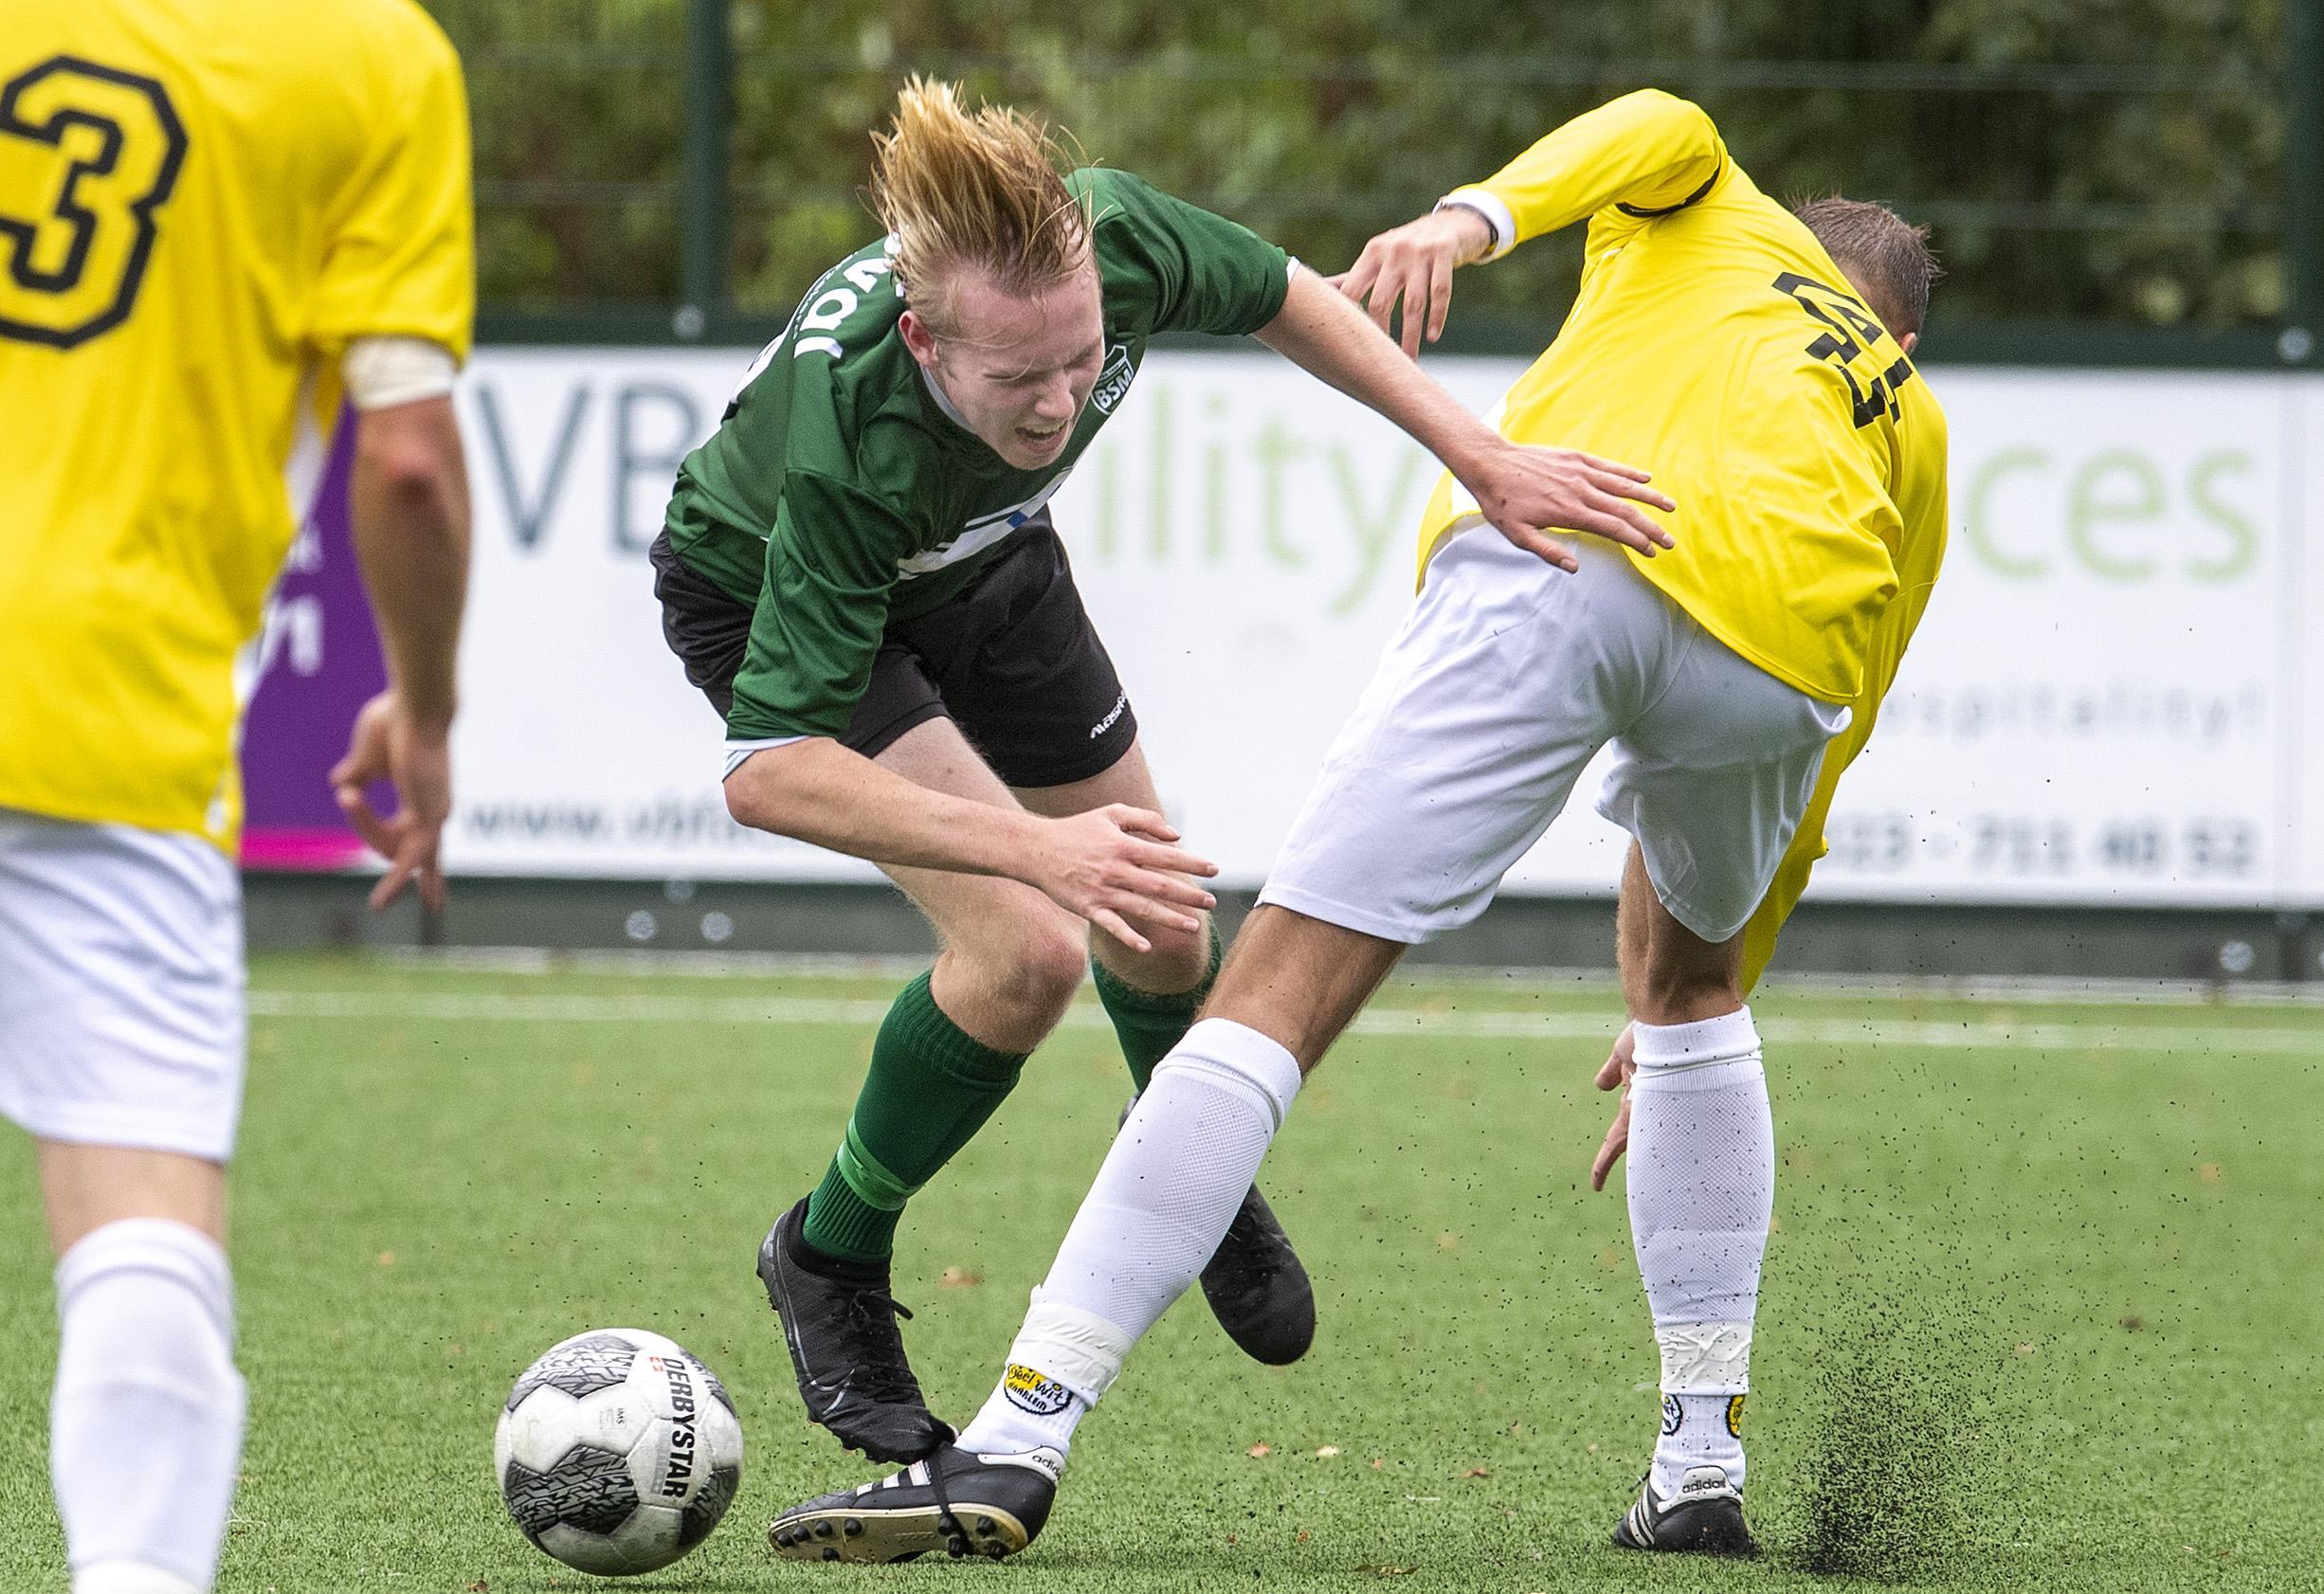 'Het team had het idee de wedstrijd onder controle te hebben, maar vanaf de kant was ik er nog niet gerust op', aldus BSM coach Lennart Loorbach na de 4-0 zege op Geel Wit